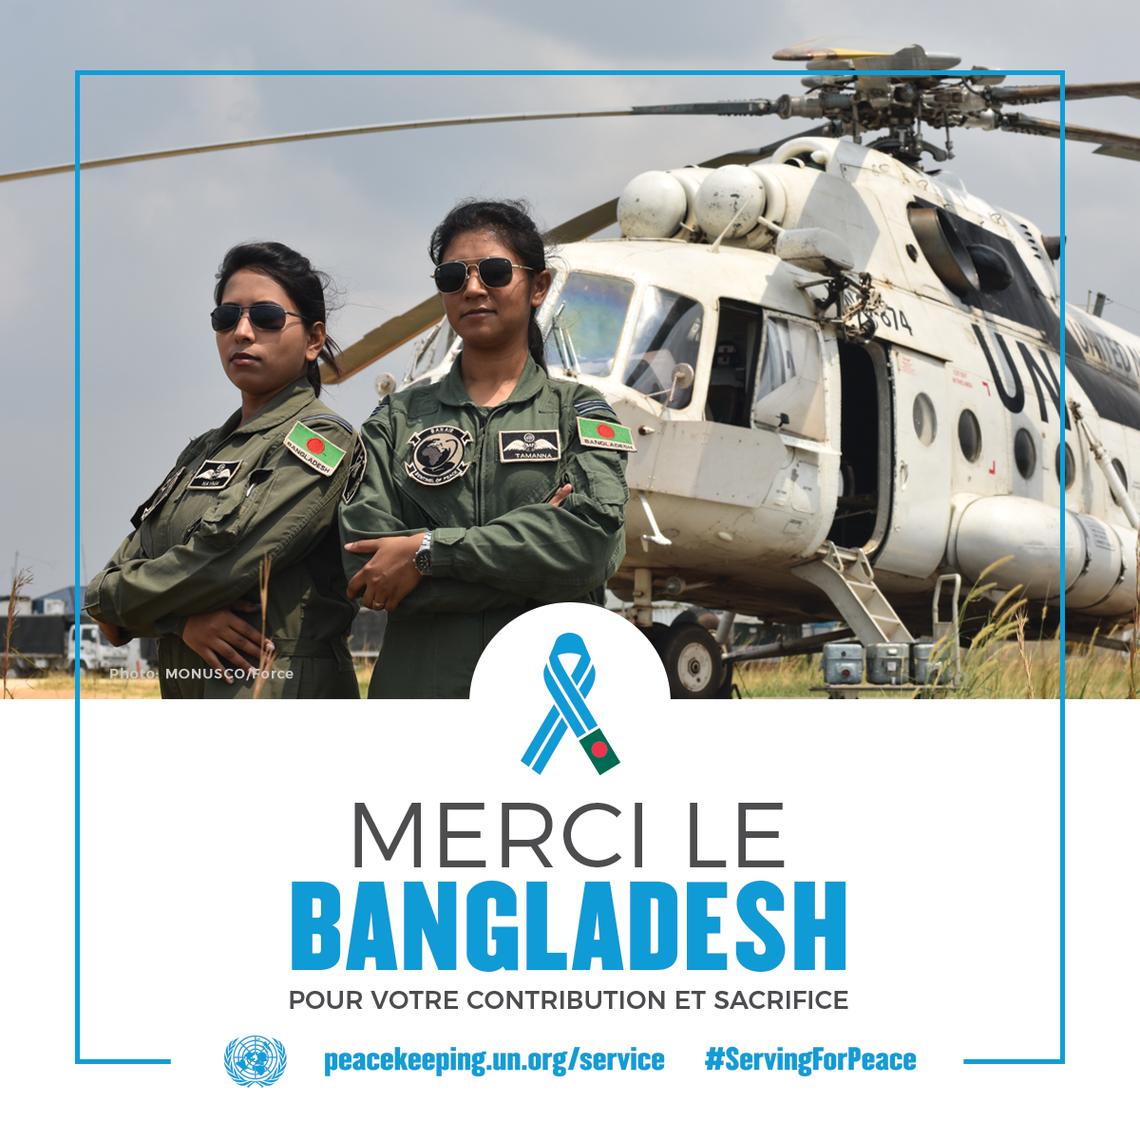 Merci le Bangladesh